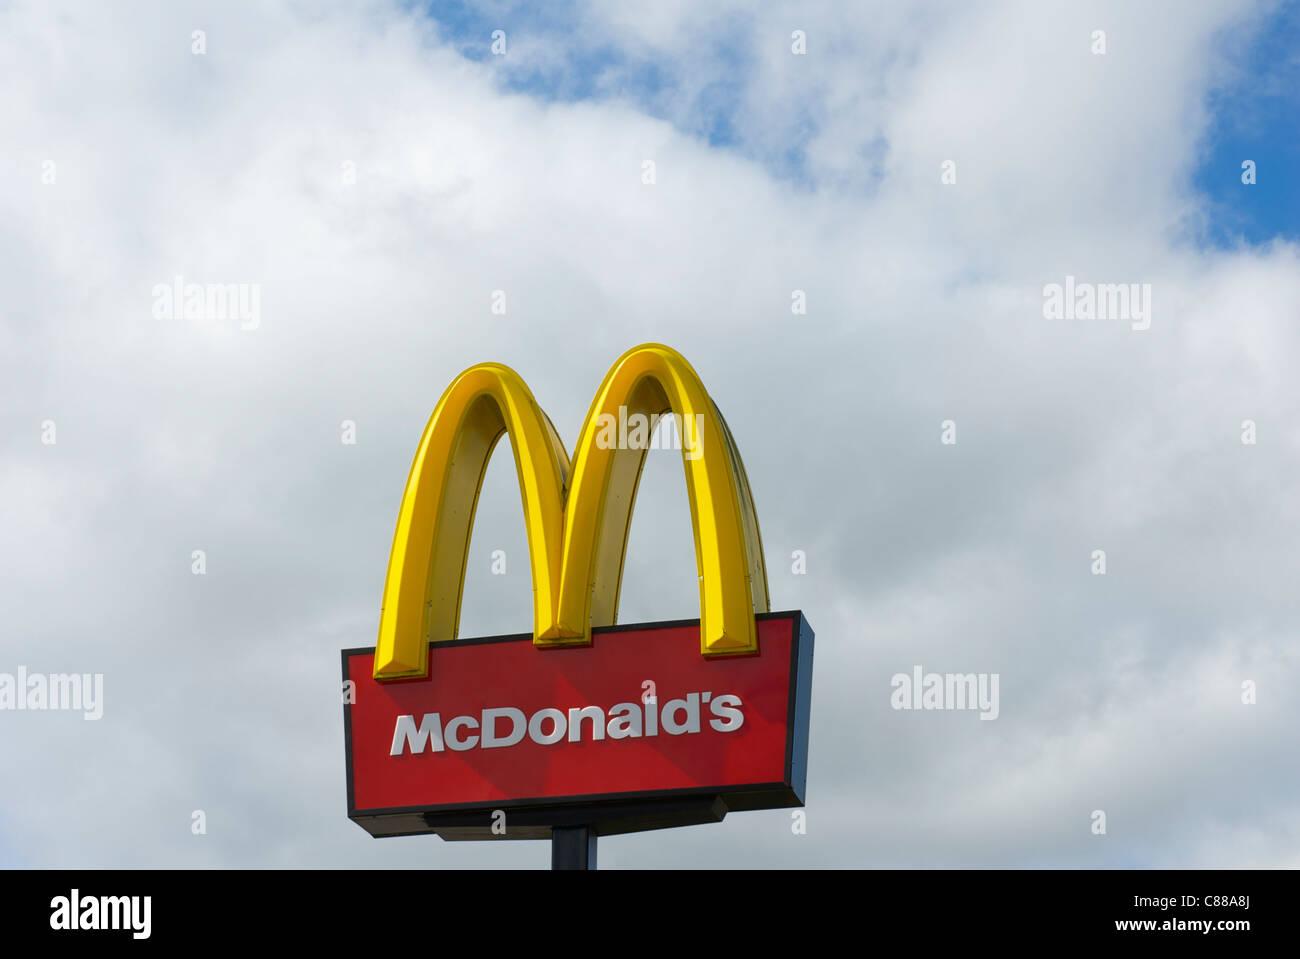 Macdonalds Macdonalds Stock Photos & Macdonalds Macdonalds Stock ...